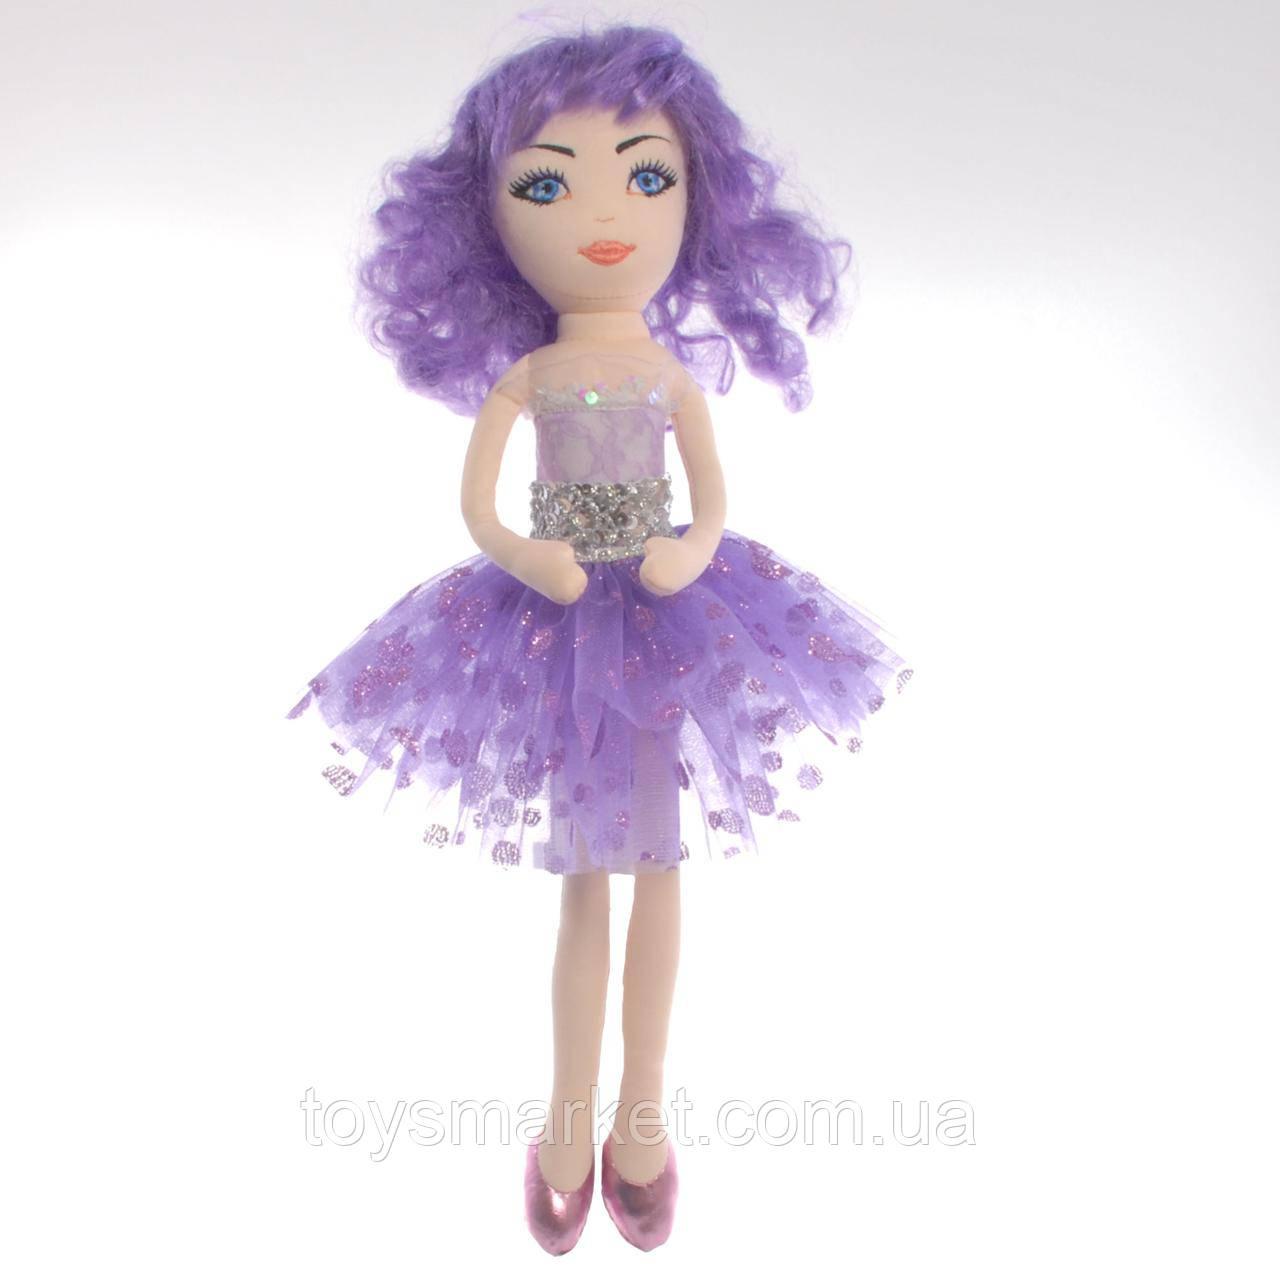 Детская игрушка кукла Мишель